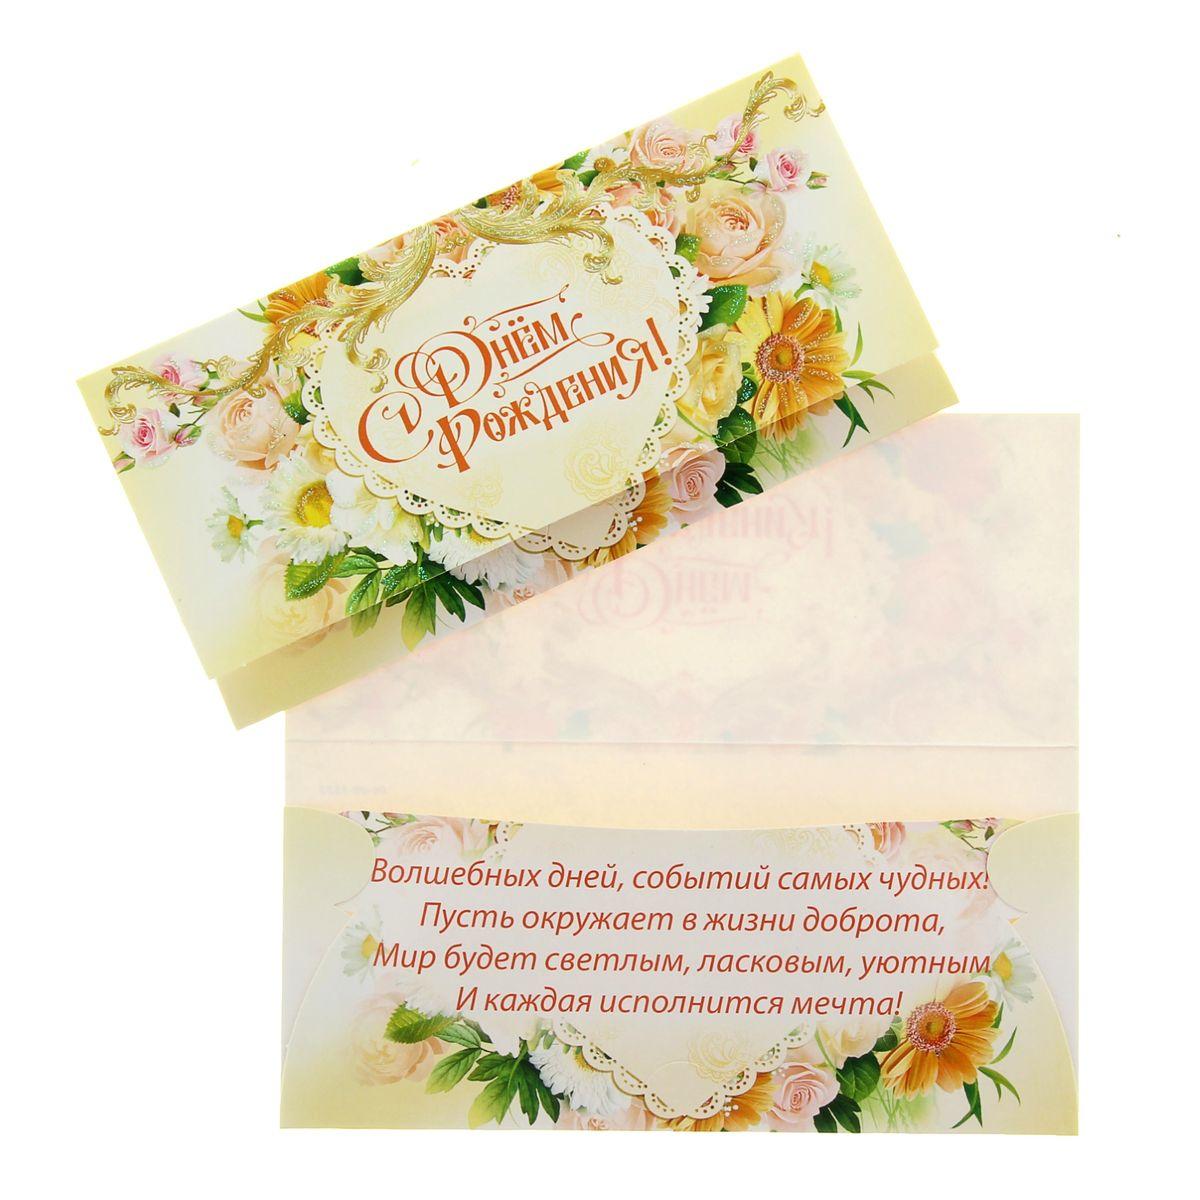 Текст поздравления в конверт